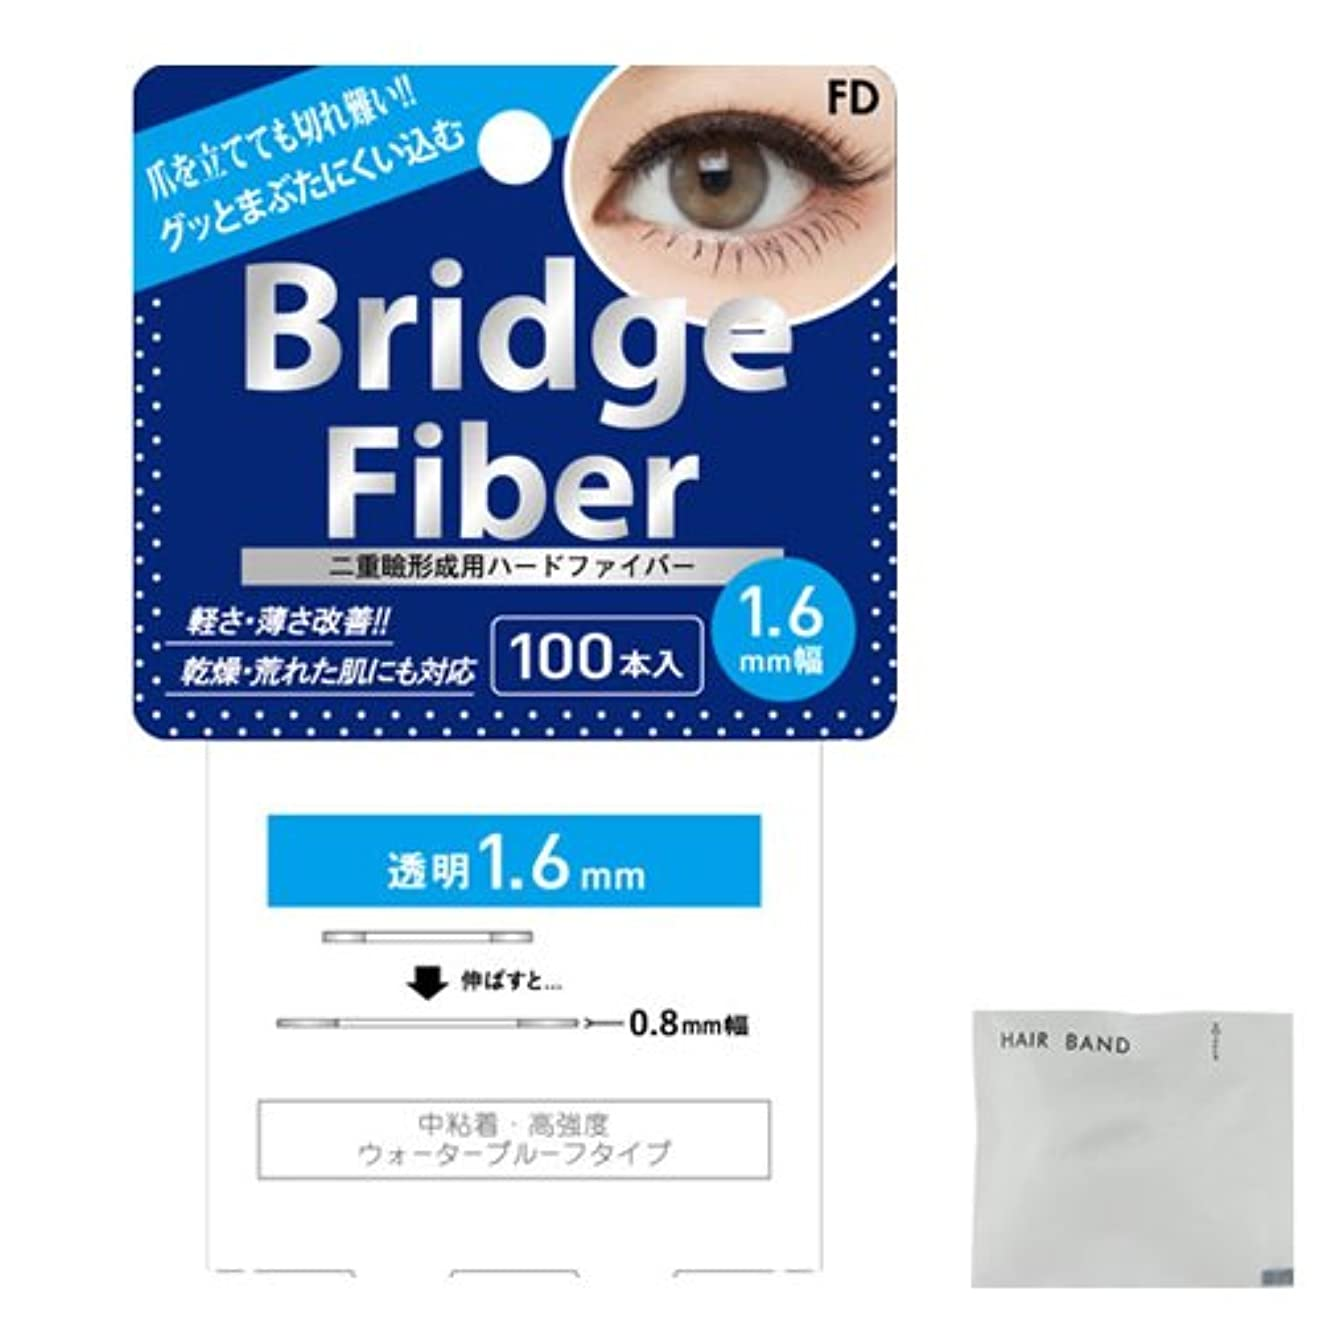 適合する崇拝します相互FD ブリッジファイバーⅡ (Bridge Fiber) クリア1.6mm + ヘアゴム(カラーはおまかせ)セット